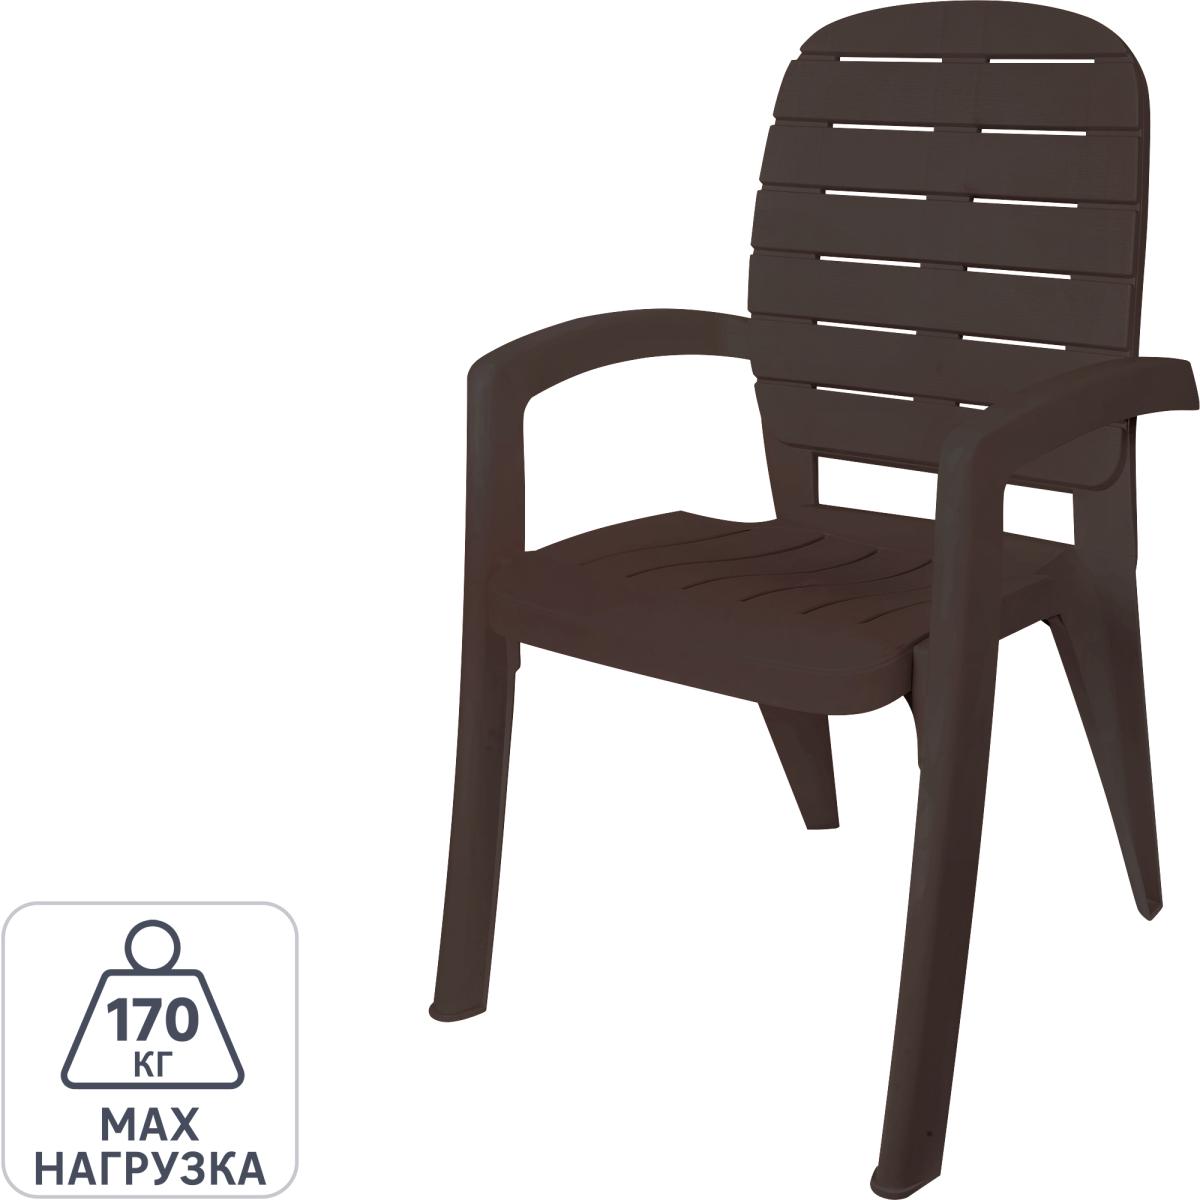 Кресло садовое Прованс цвет шоколадный